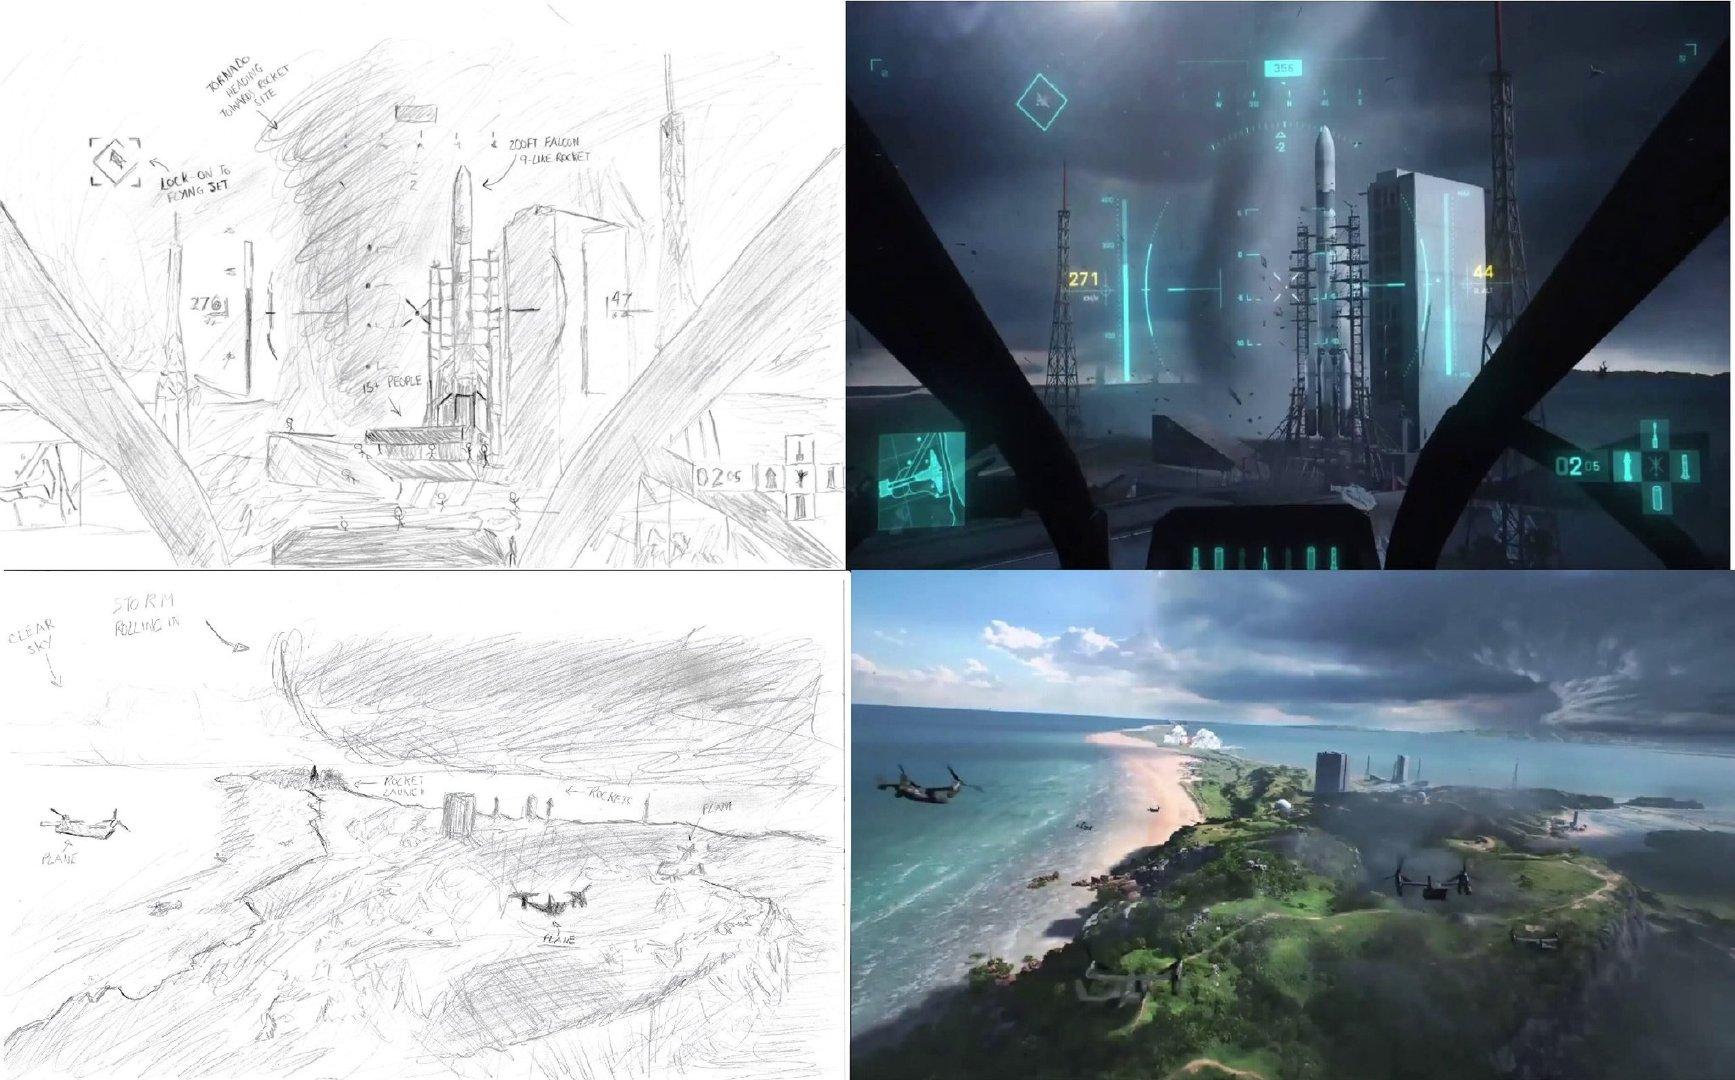 《GTA 6》泄露信息已被多个渠道证实 手绘宣传图公开 游戏资讯 第3张